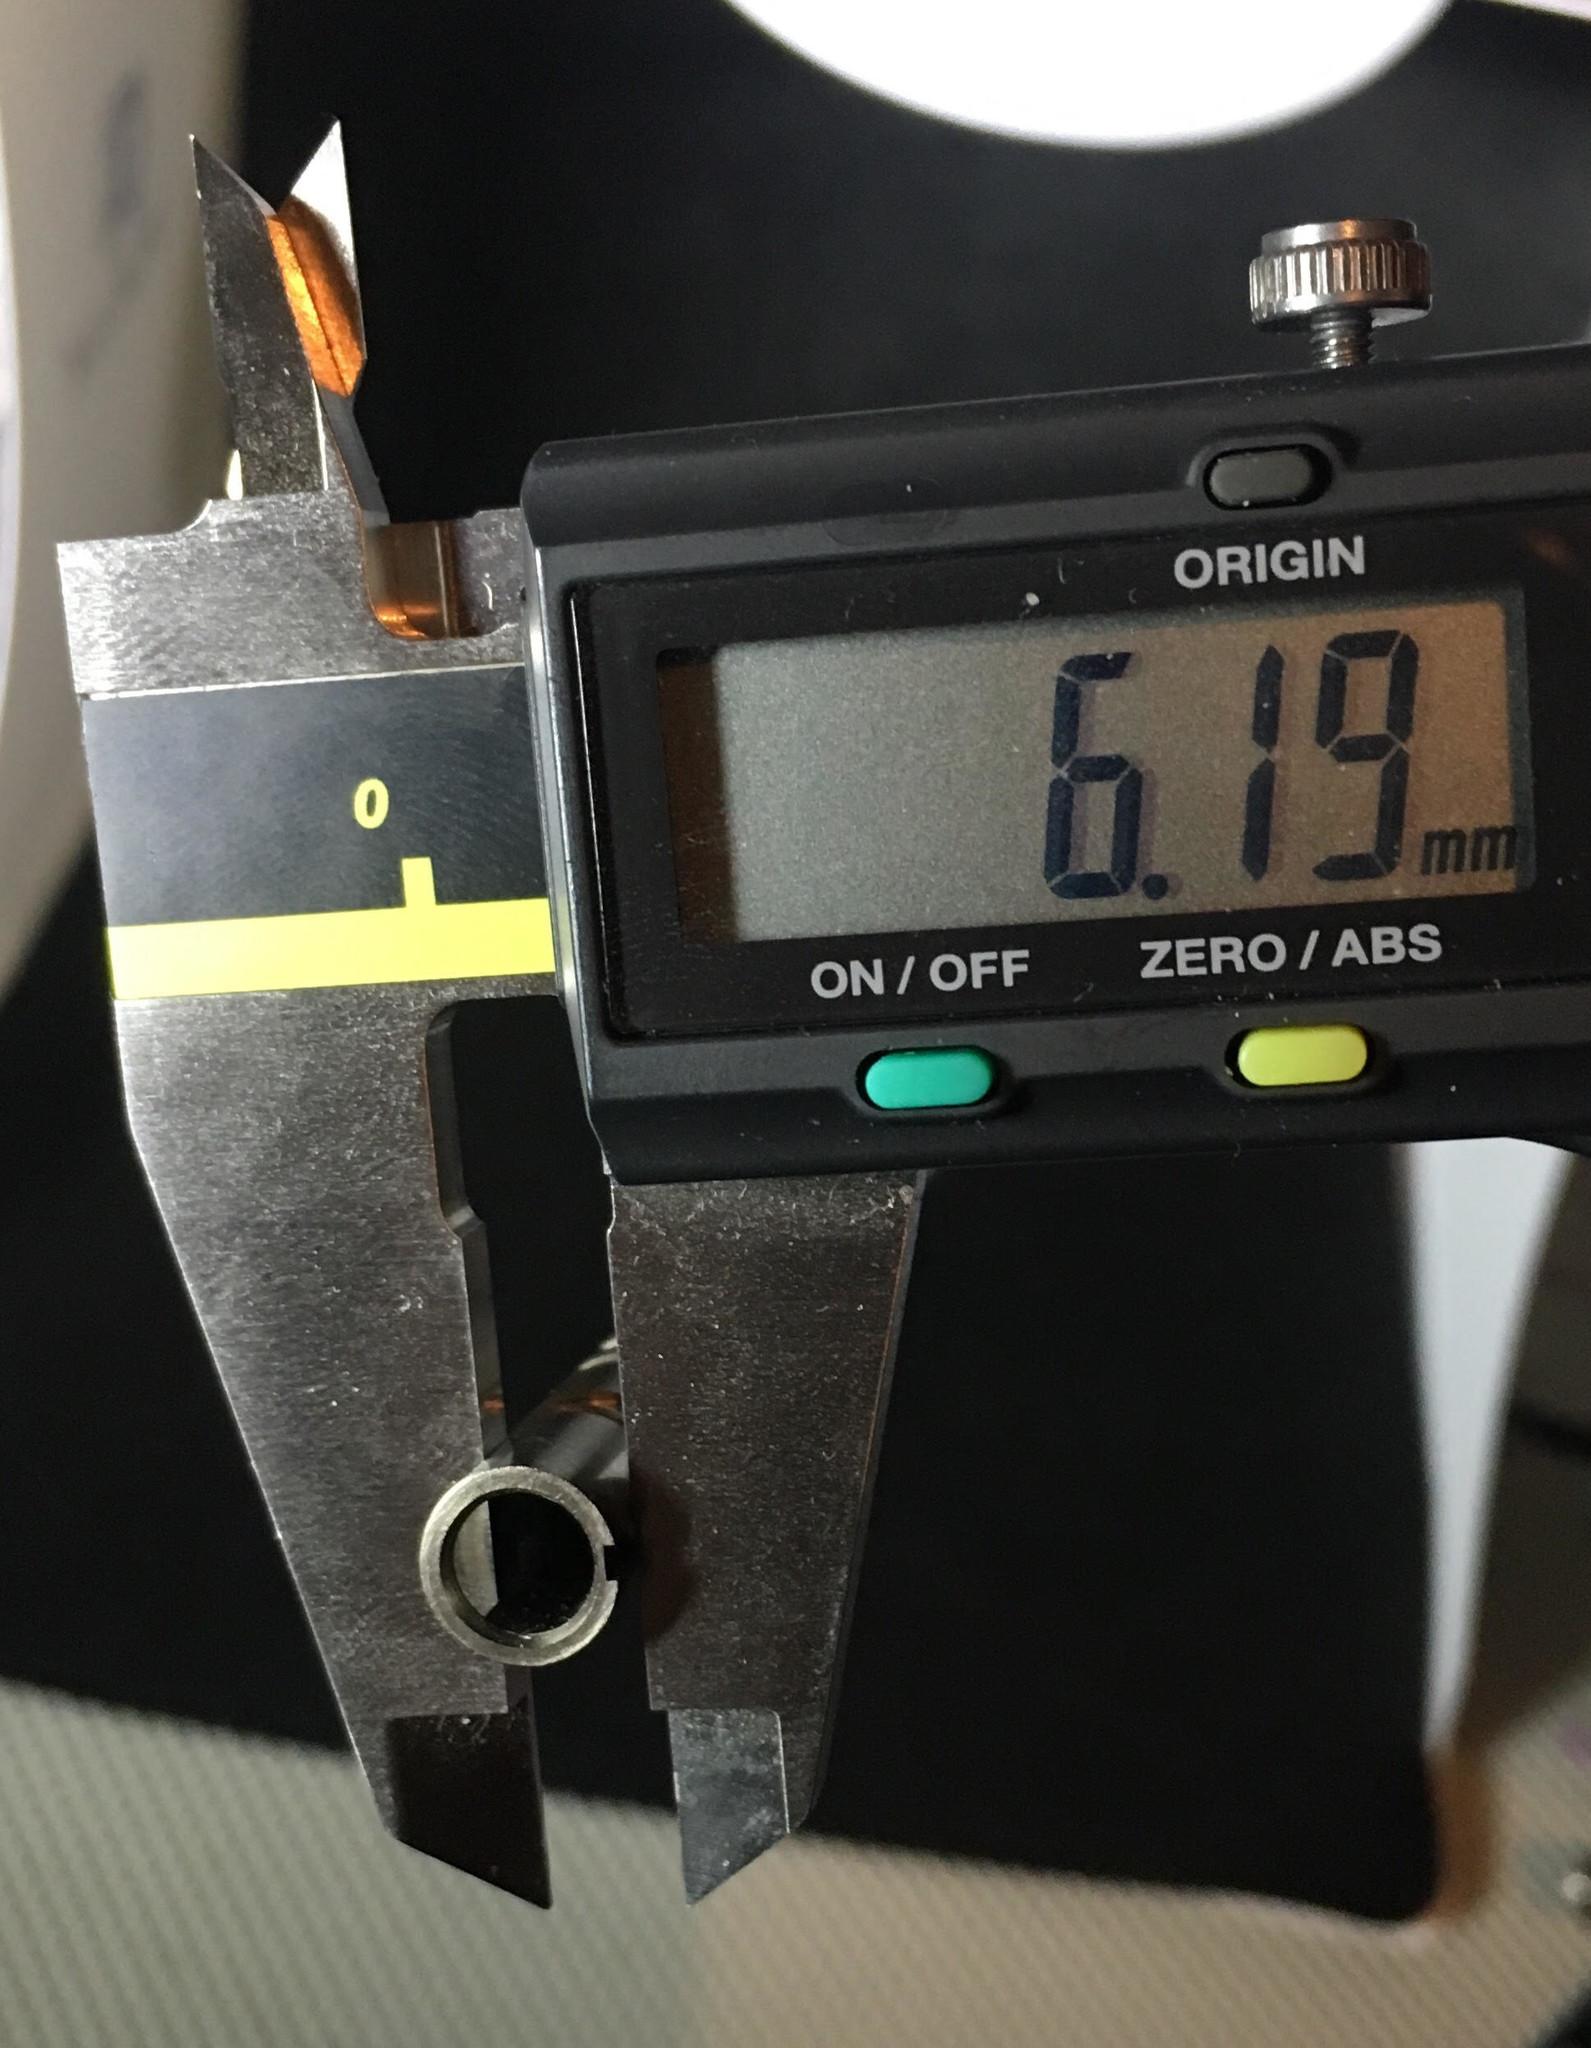 TNT Barrel measurement